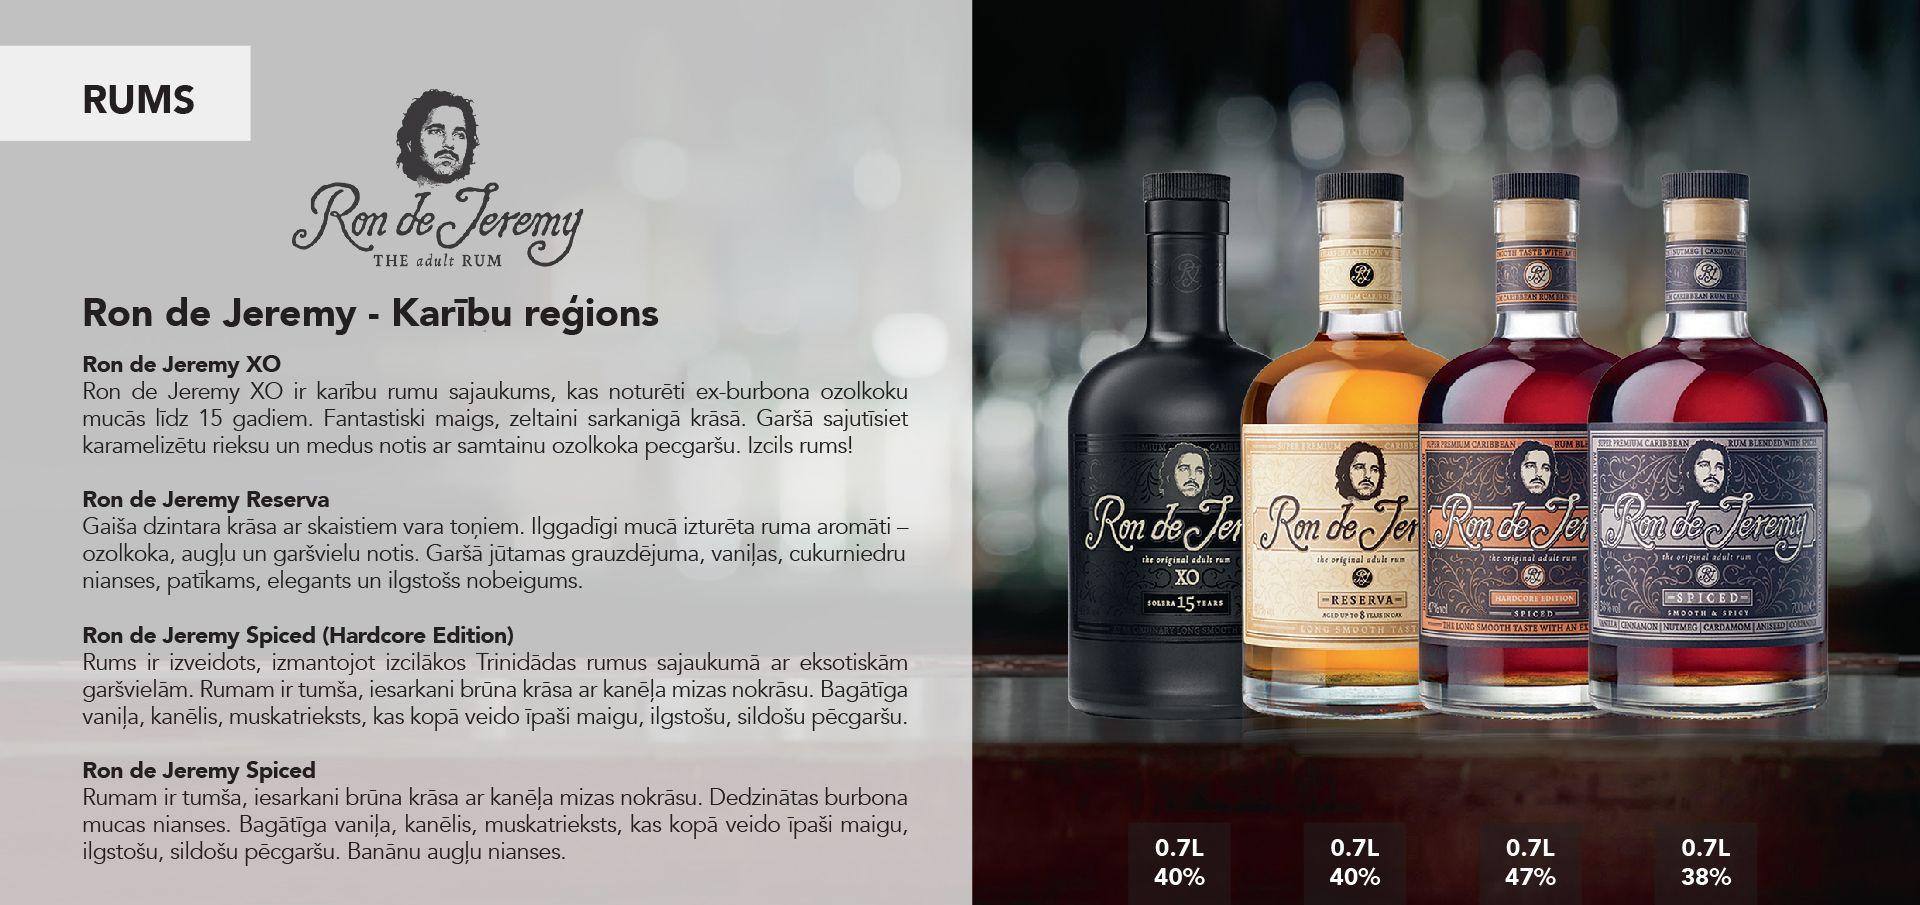 Ron de Jeremy Rum - Karību reģions